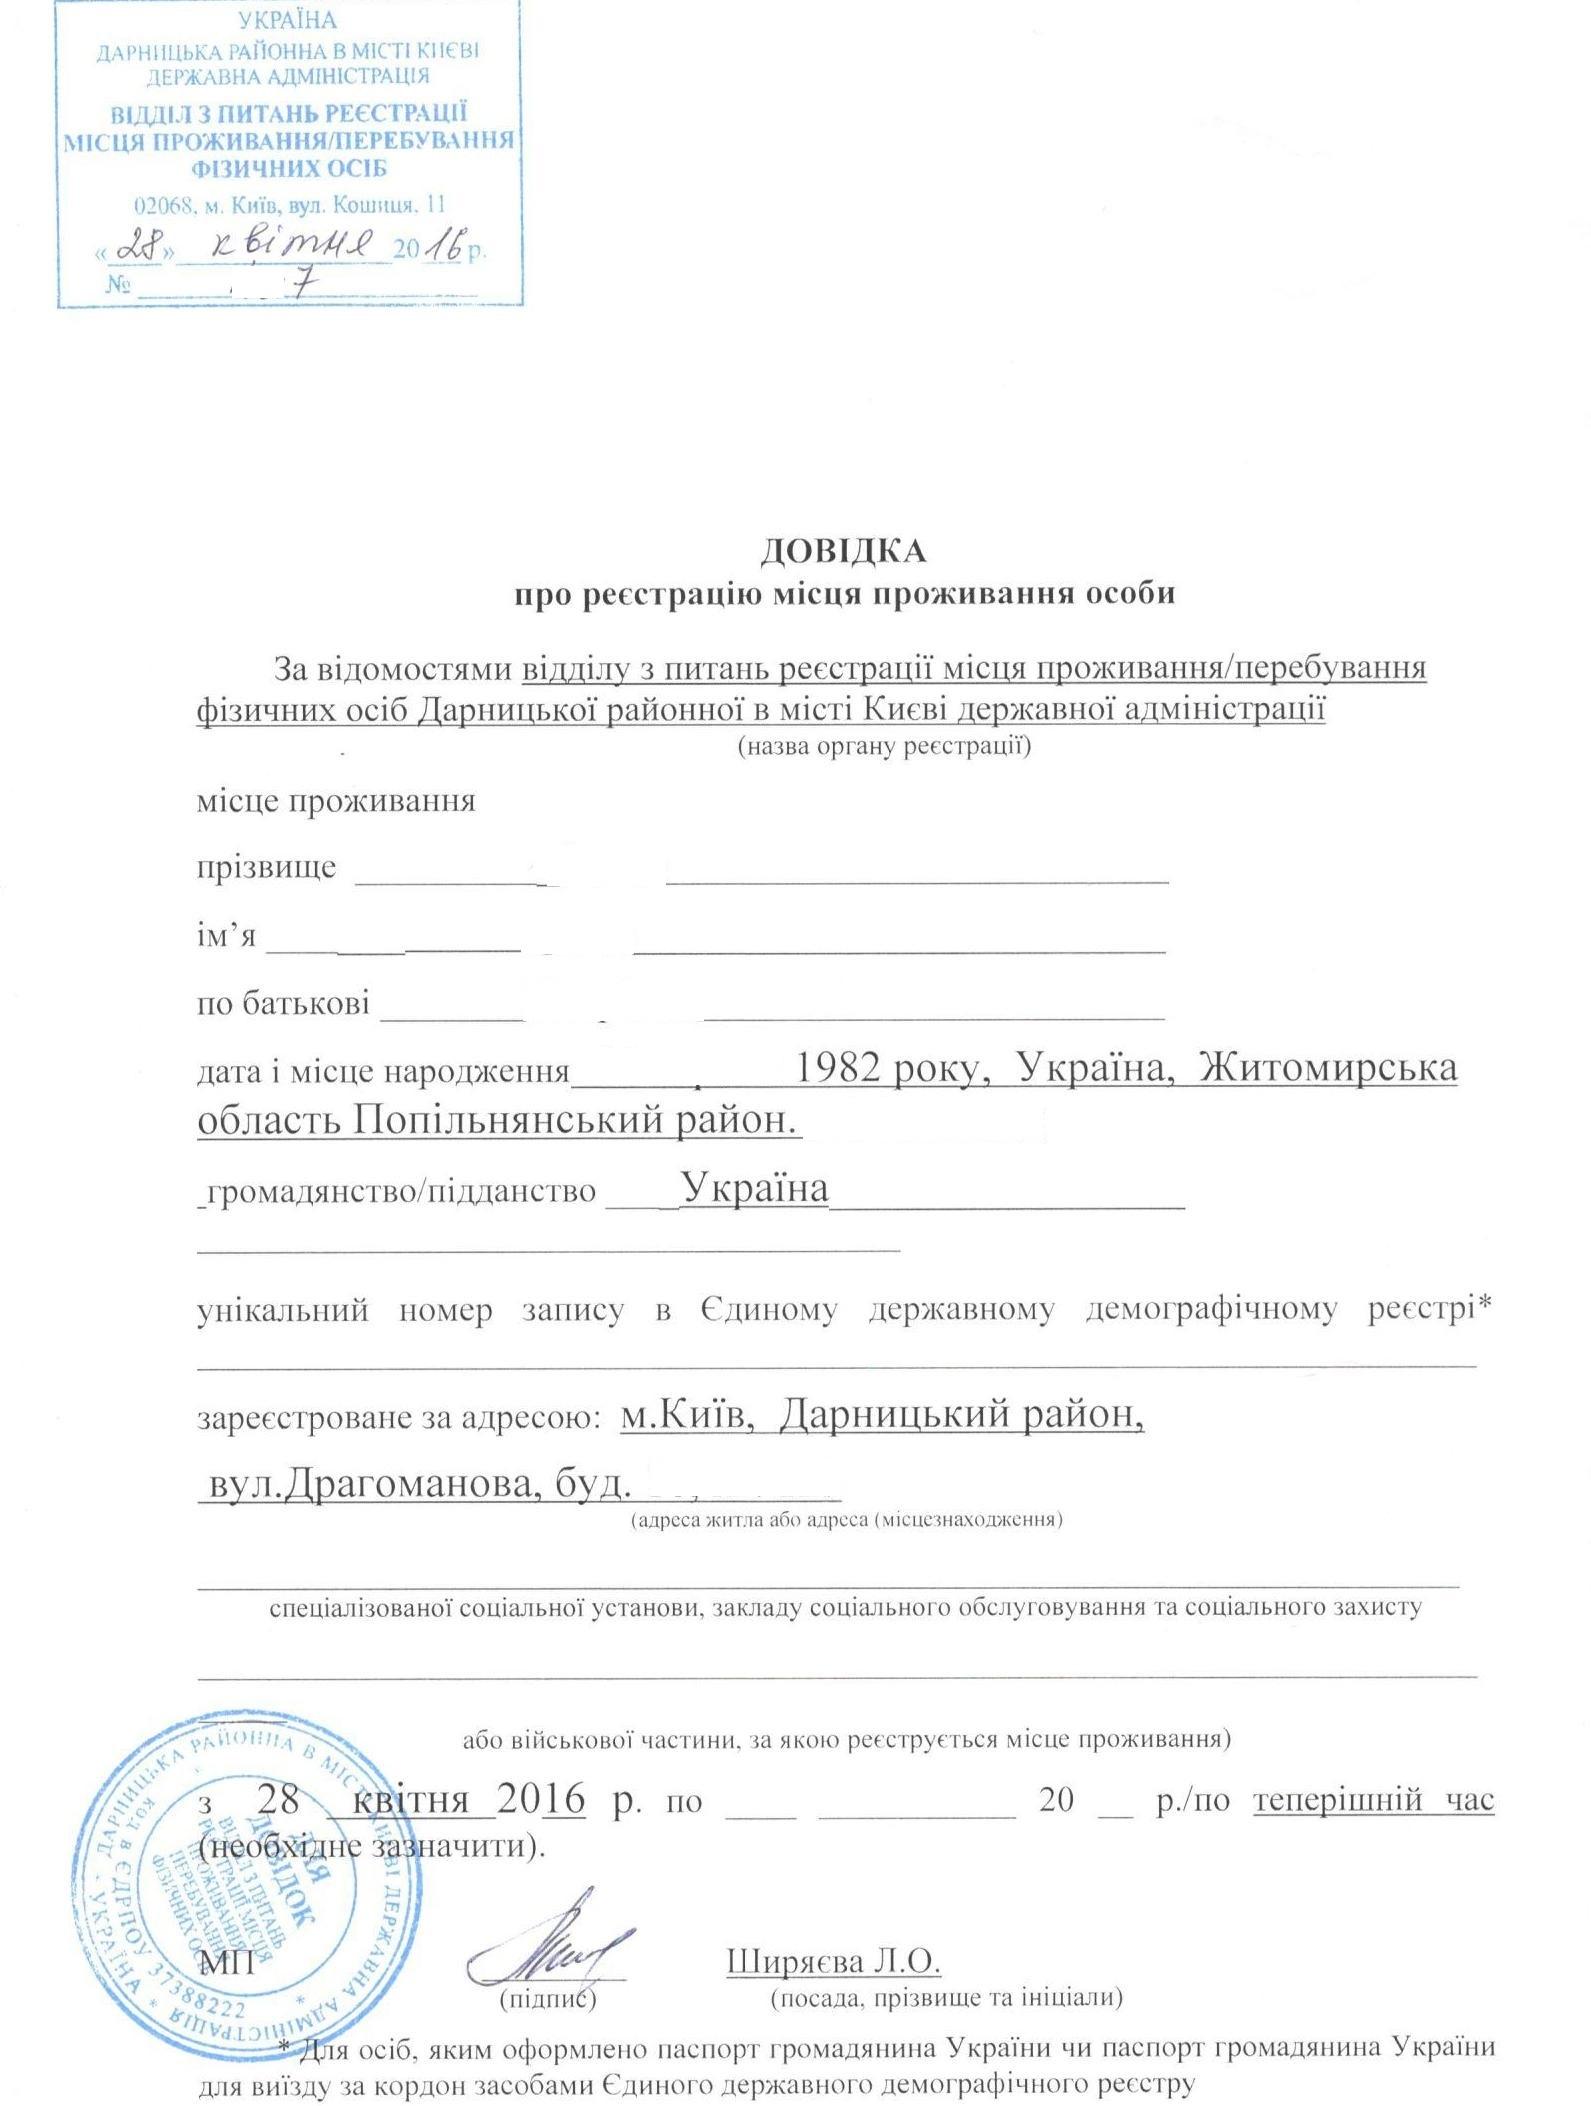 Übersetzungen ins Russische und Ukrainische